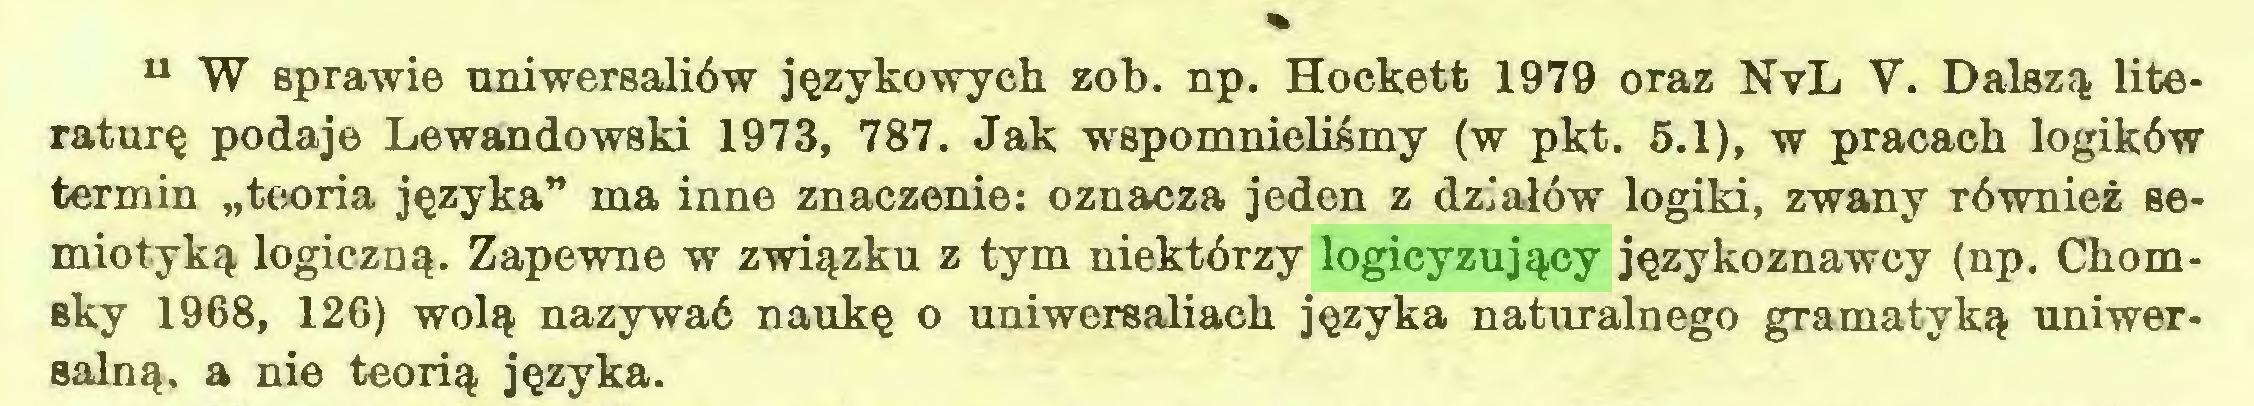 """(...) u W sprawie uniwersaliów językowych zob. np. Hockett 1979 oraz NvL V. Dalszą literaturę podaje Lewandowski 1973, 787. Jak wspomnieliśmy (w pkt. 5.1), w pracach logików termin """"teoria języka"""" ma inne znaczenie: oznacza jeden z działów logiki, zwany również semiotyką logiczną. Zapewne w związku z tym niektórzy logicyzujący językoznawcy (np. Chomsky 1968, 126) wolą nazywać naukę o uniwersaliach języka naturalnego gramatyką uniwersalną. a nie teorią języka..."""